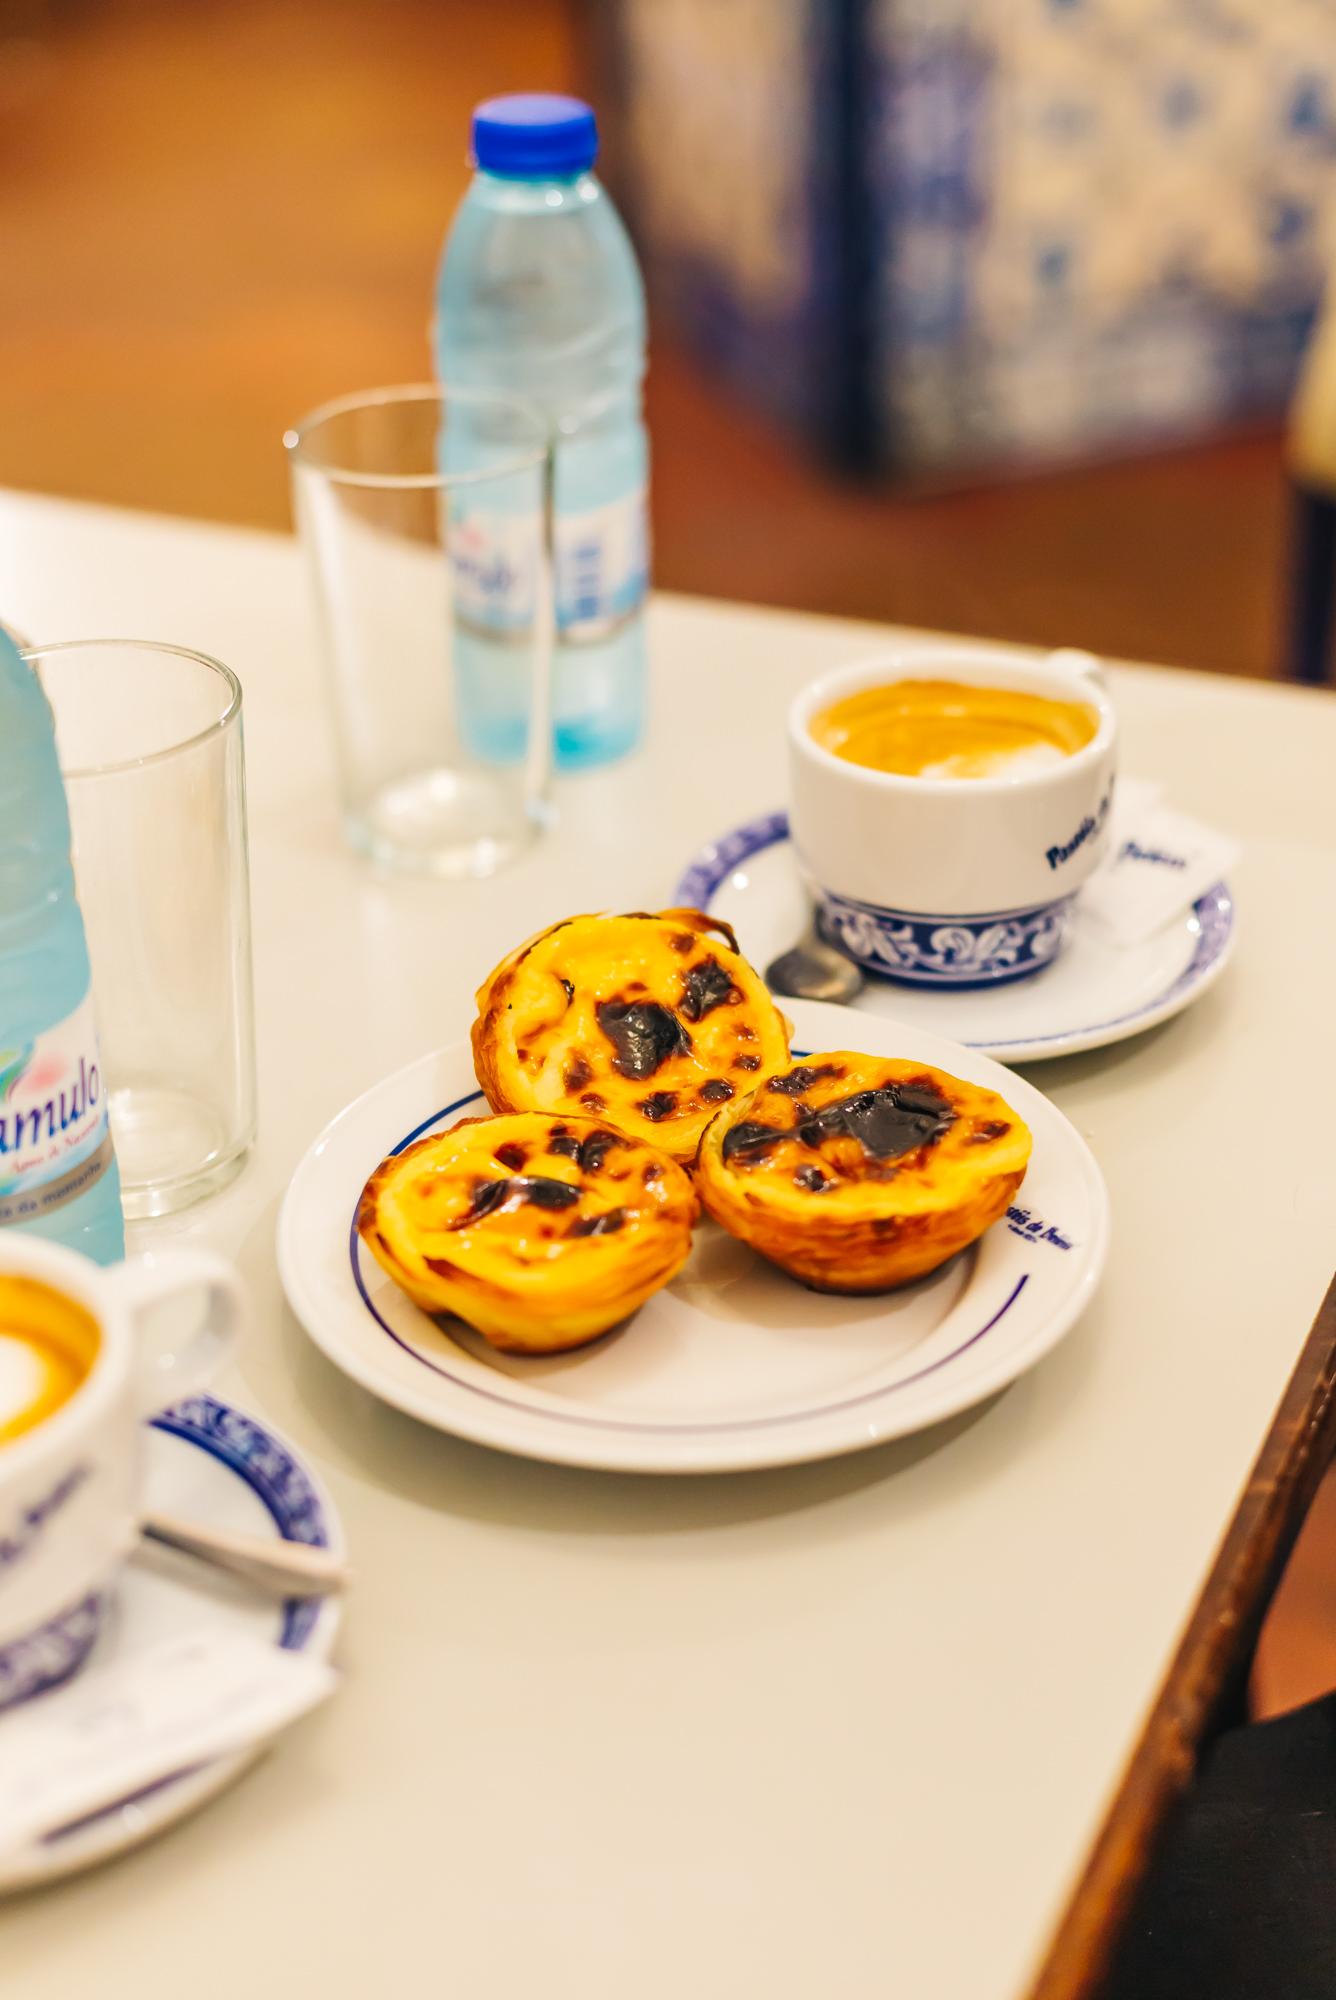 Pastel de nata at Pasteis de Belem